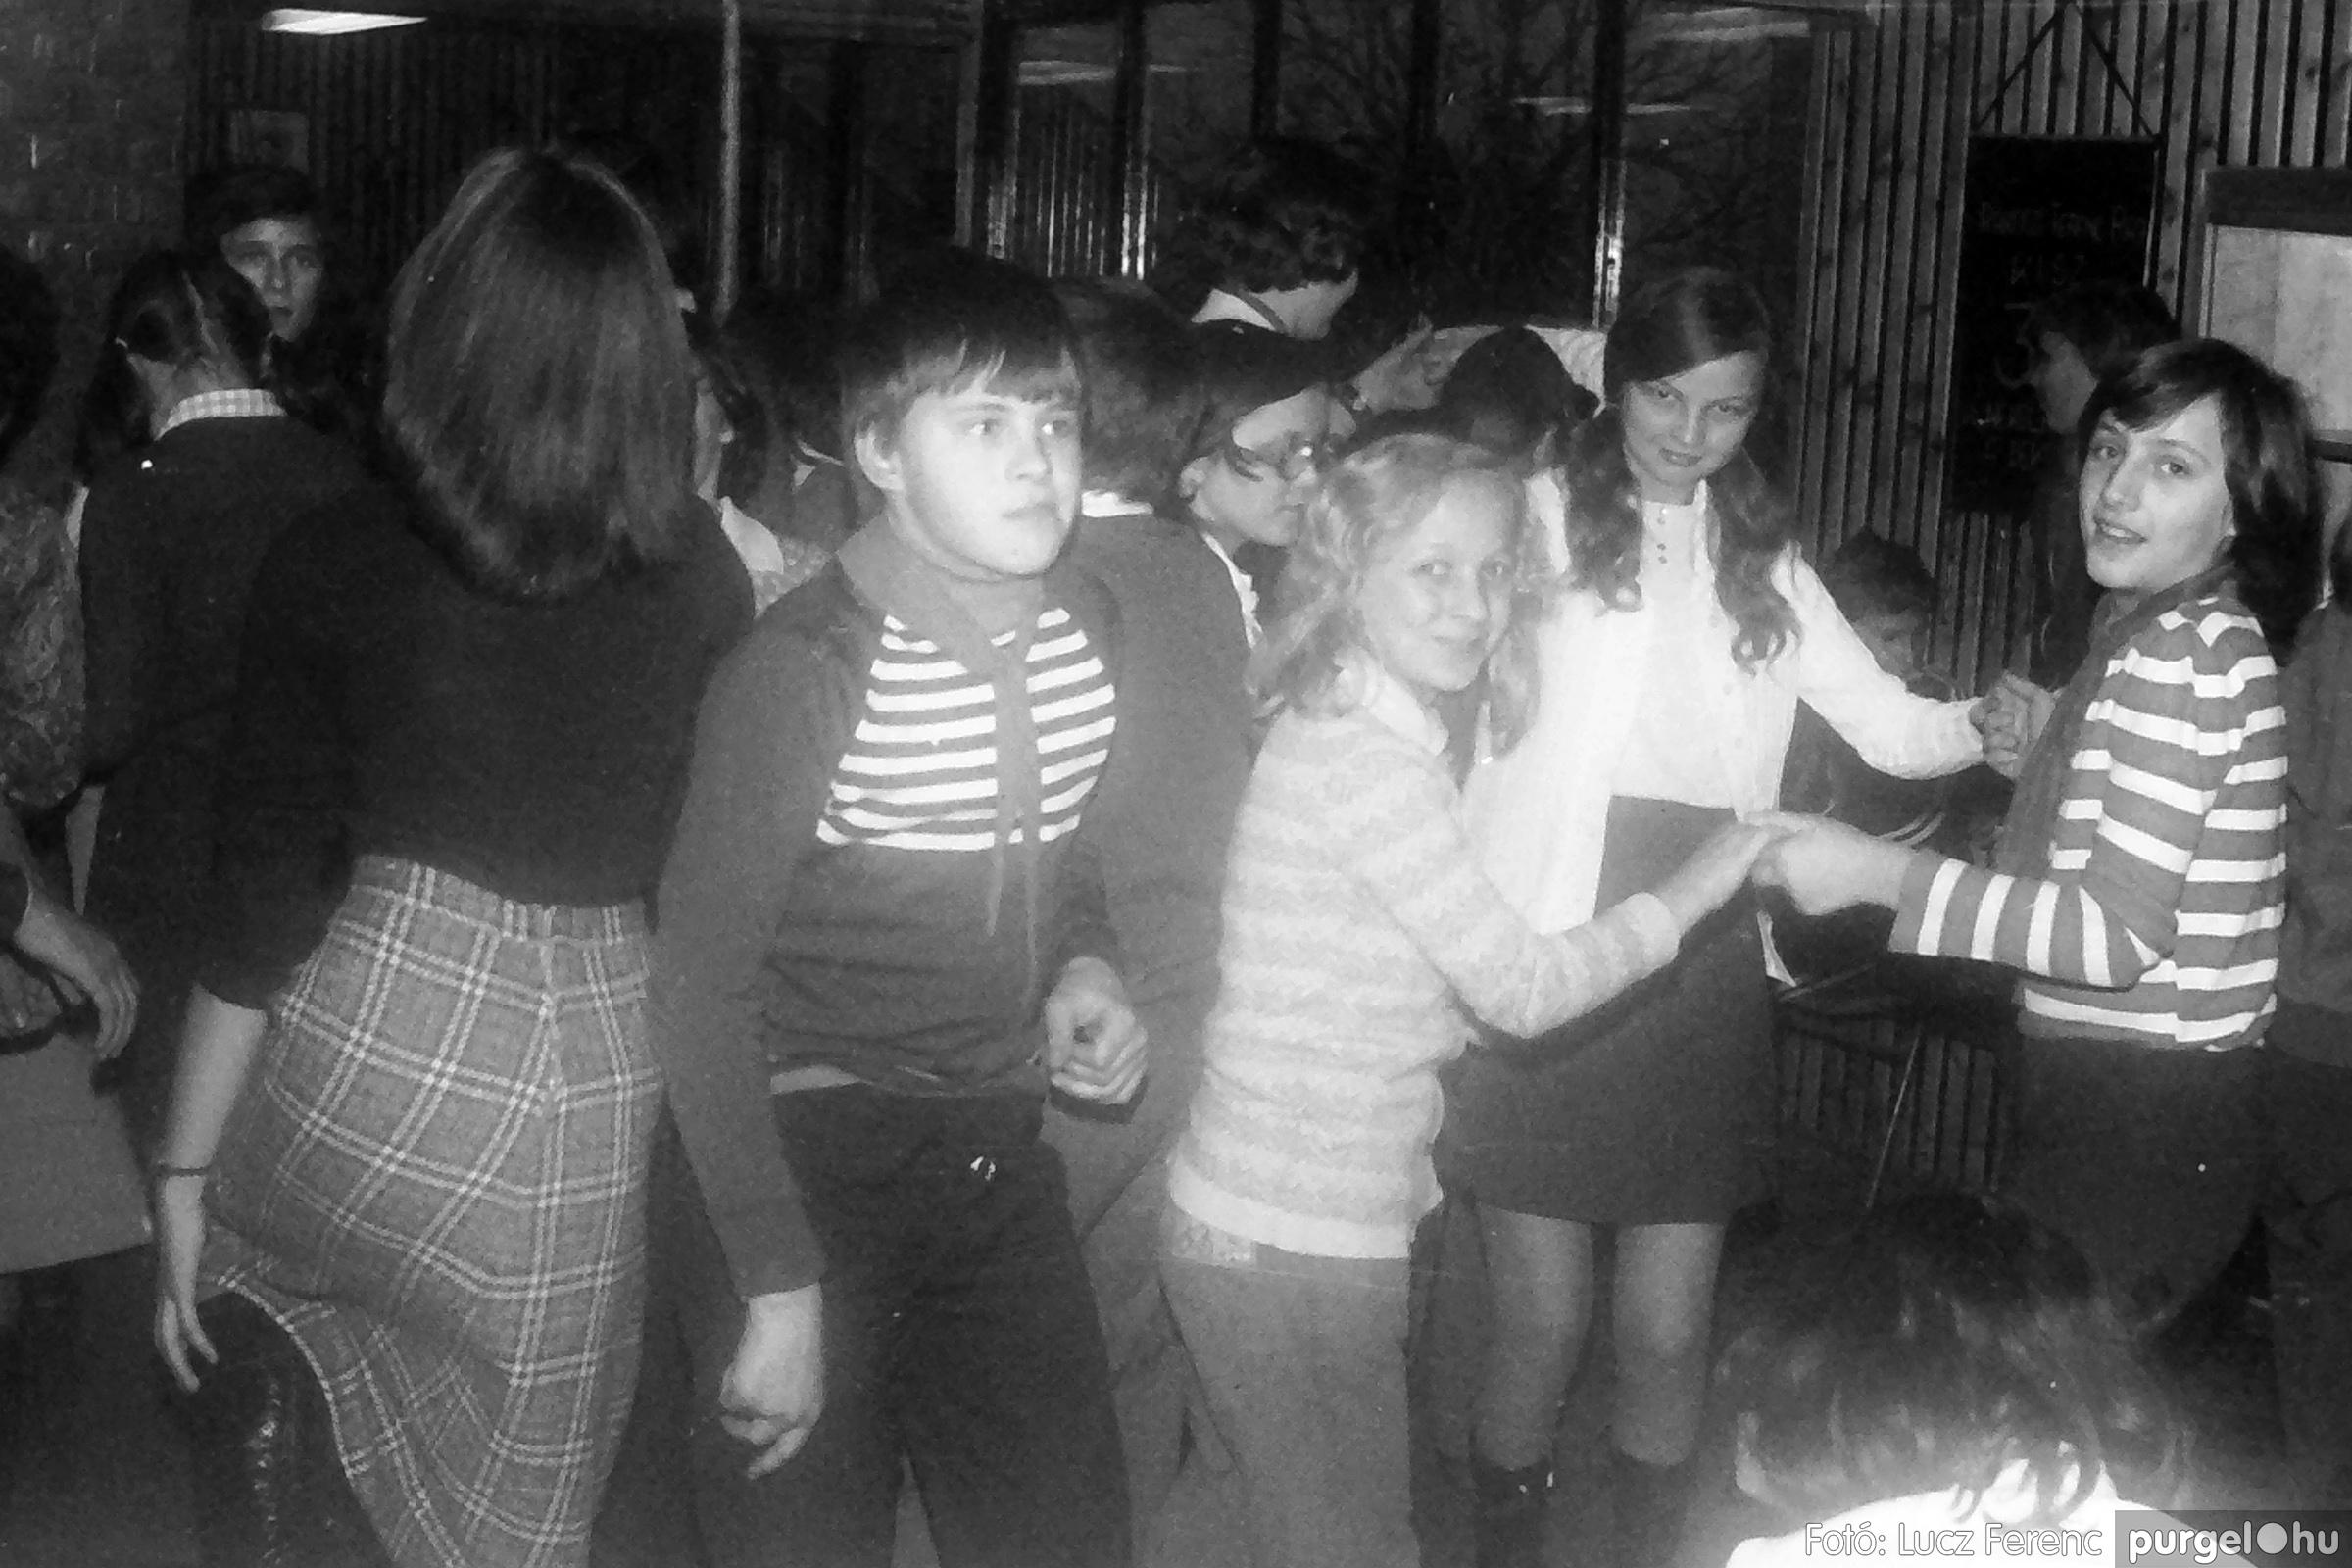 067. 1976. Karácsonyi buli az úttörőszobában 001. - Fotó: Lucz Ferenc.jpg